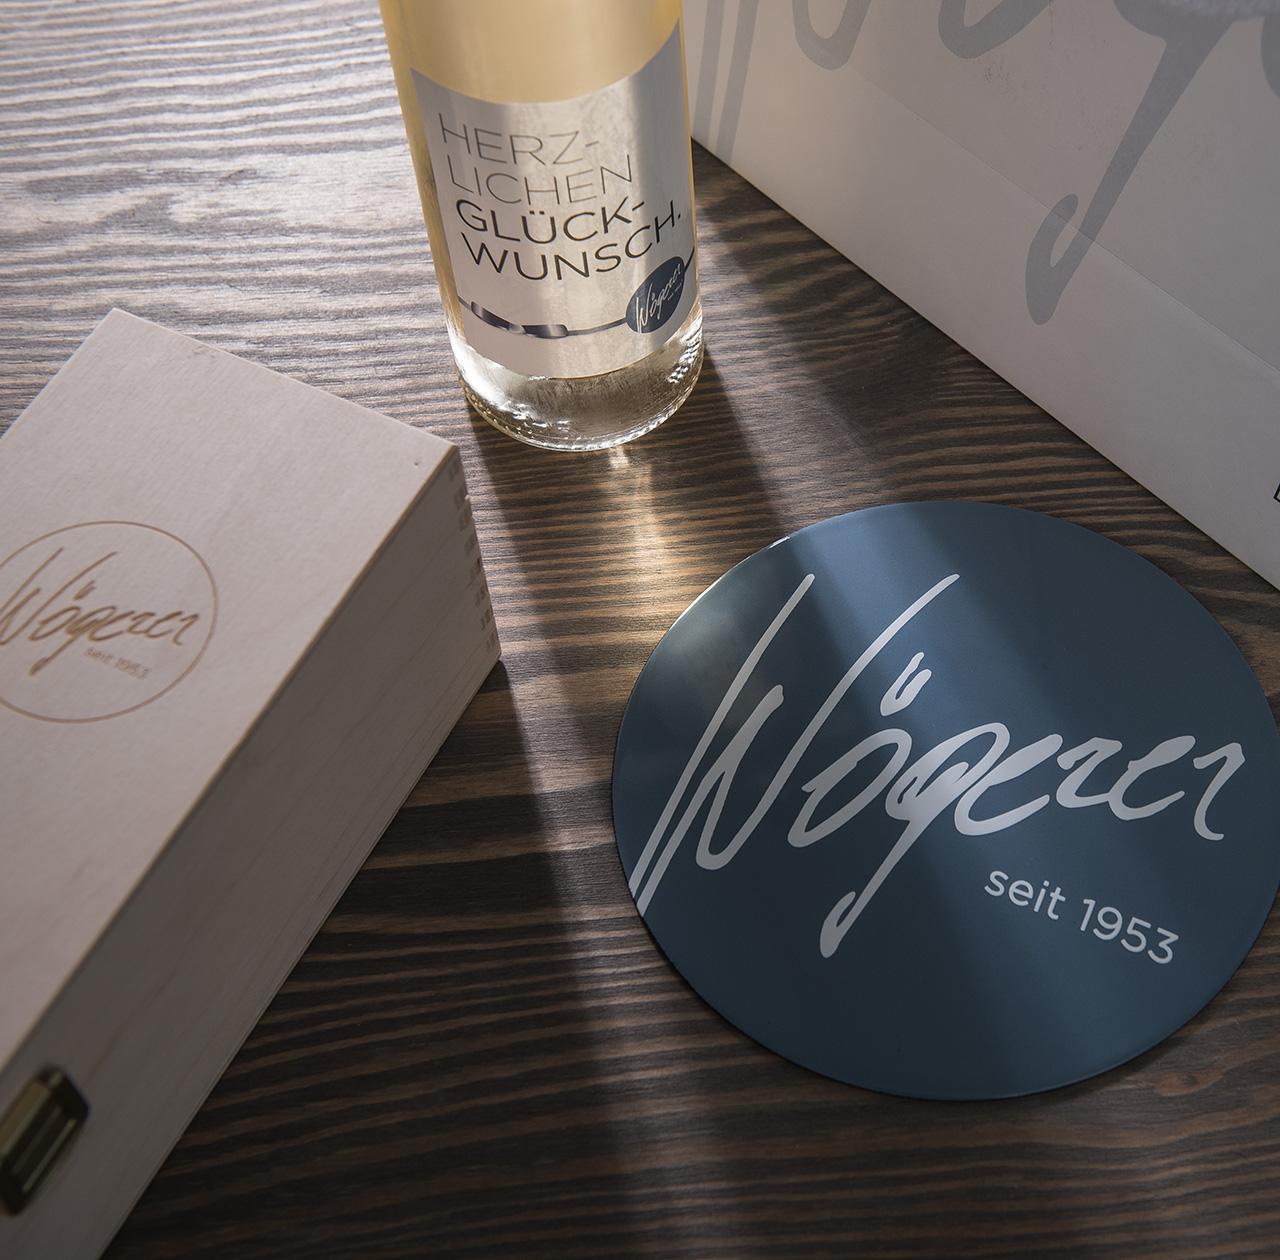 upart referenz für Wögerer - packaging